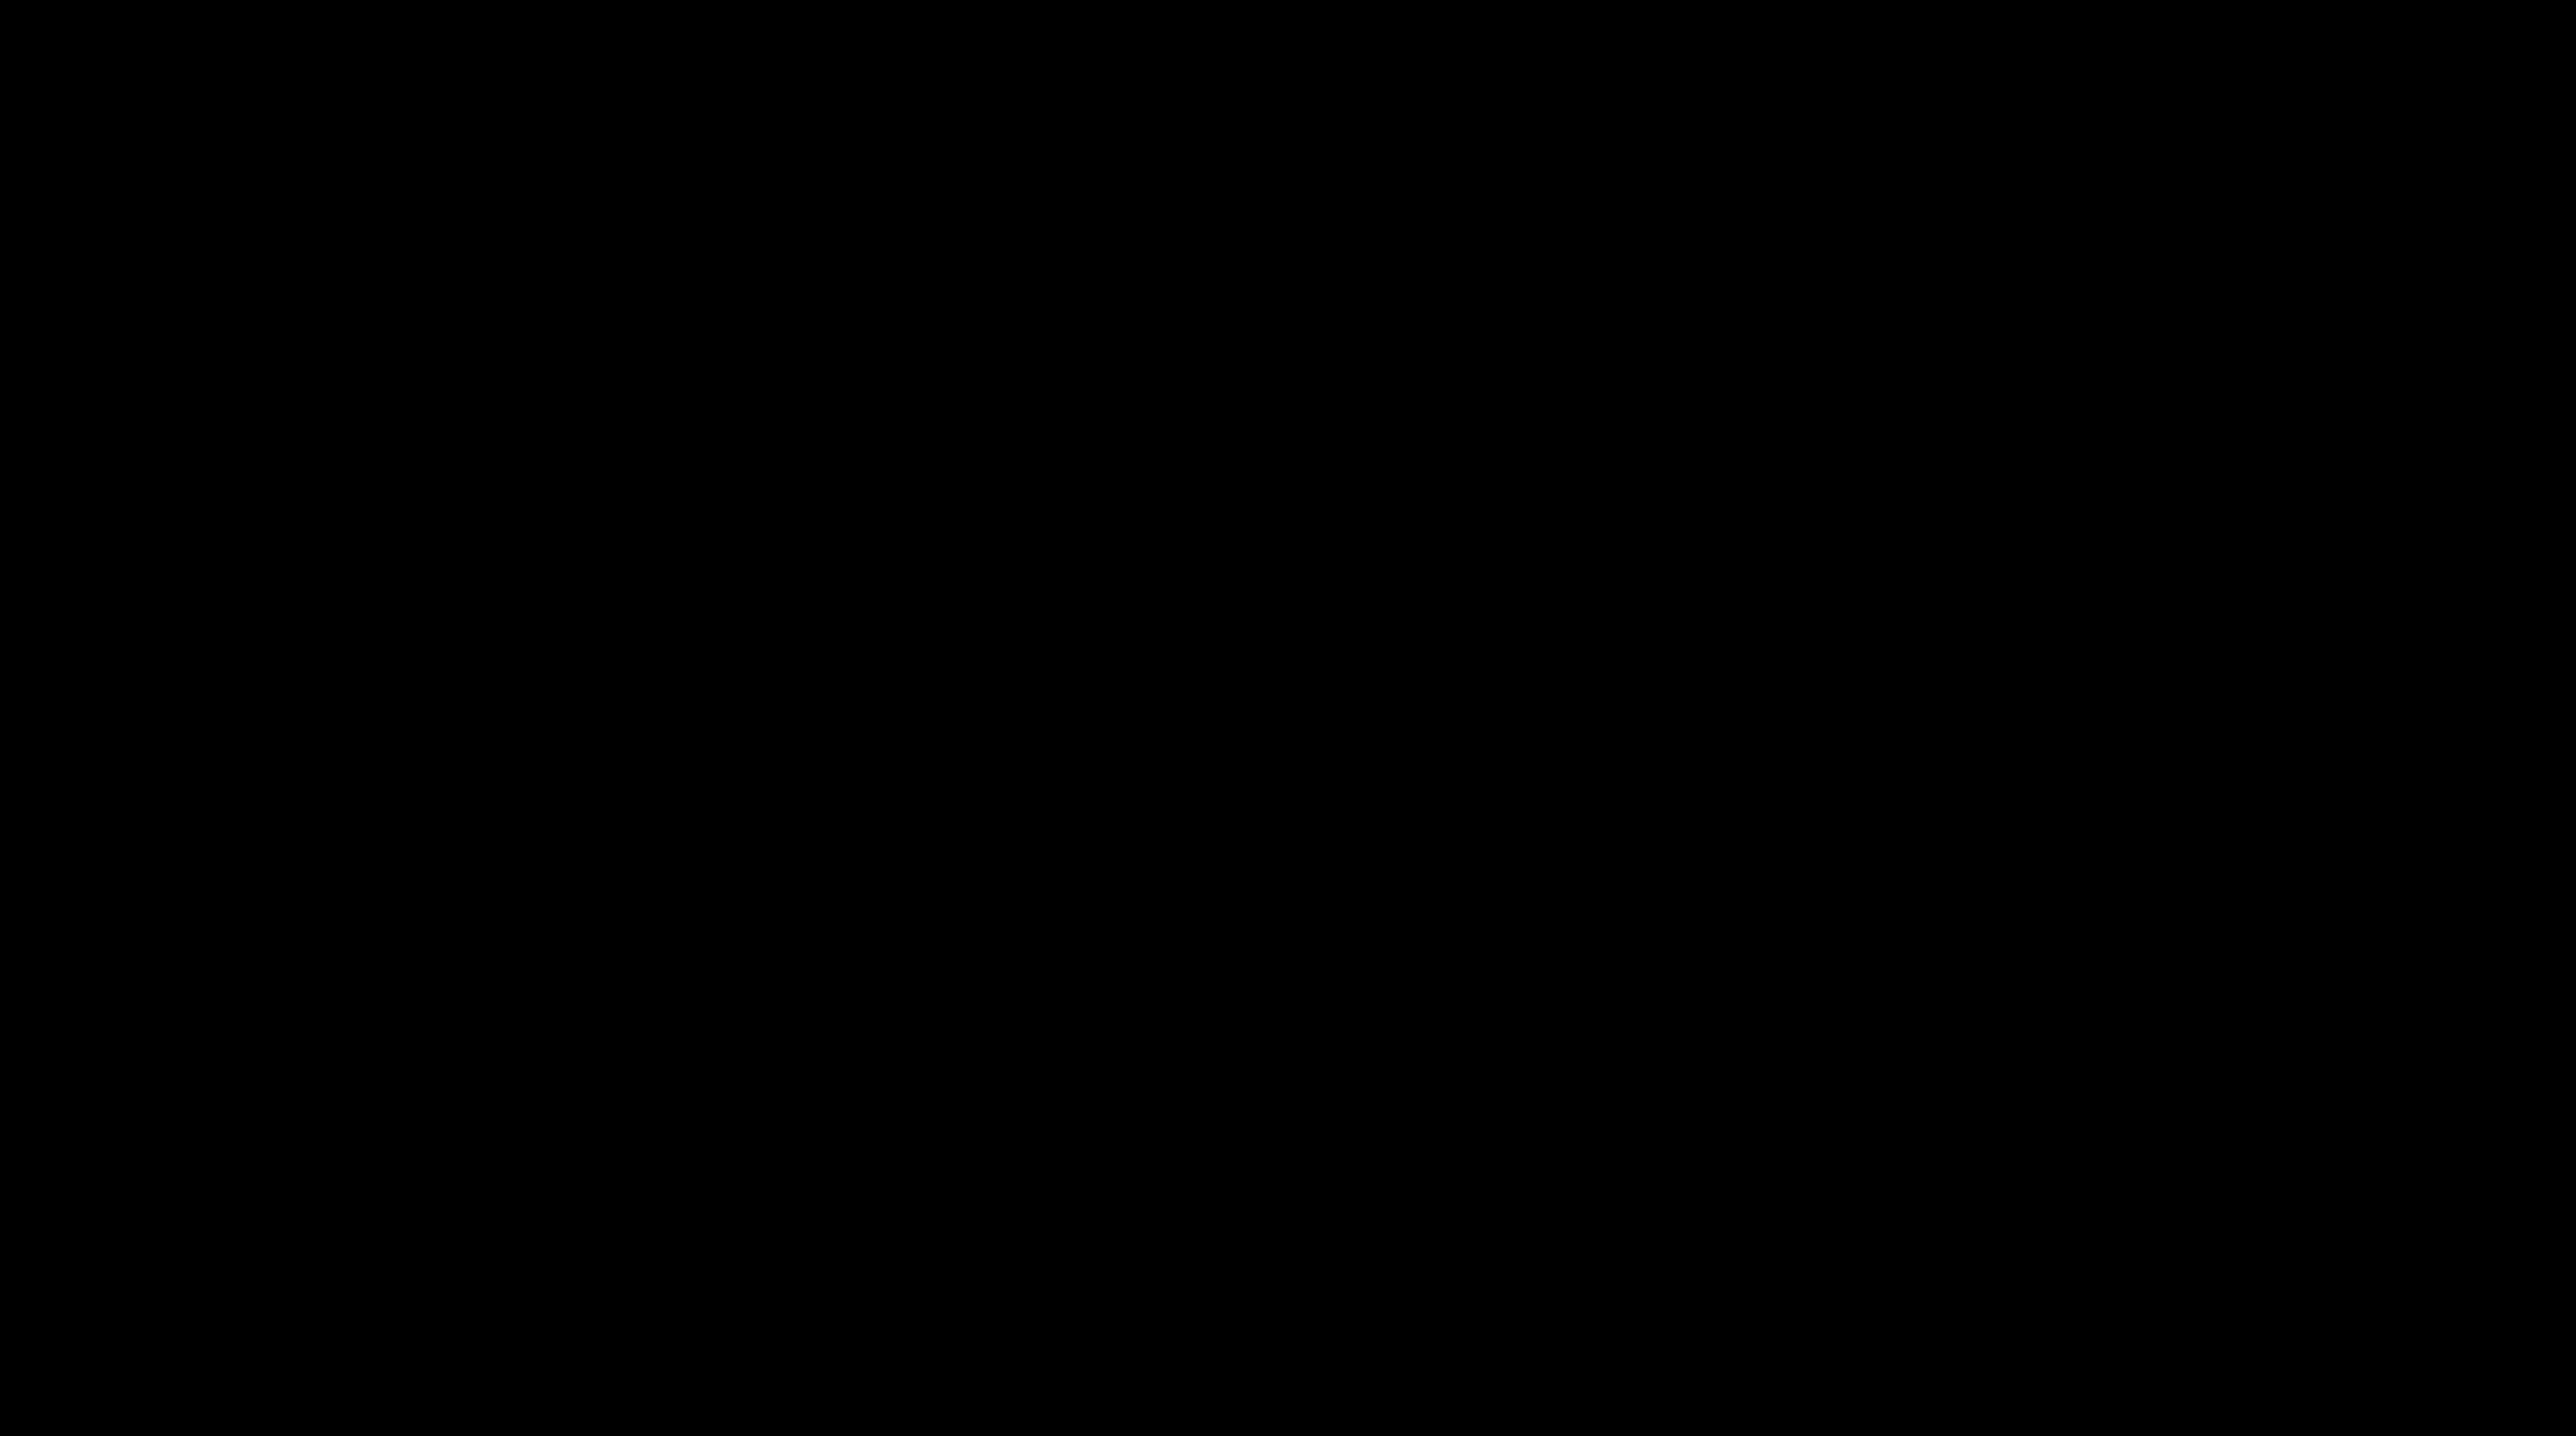 Star trek blueprints steamrunner class starship prototype for Deck blueprints online